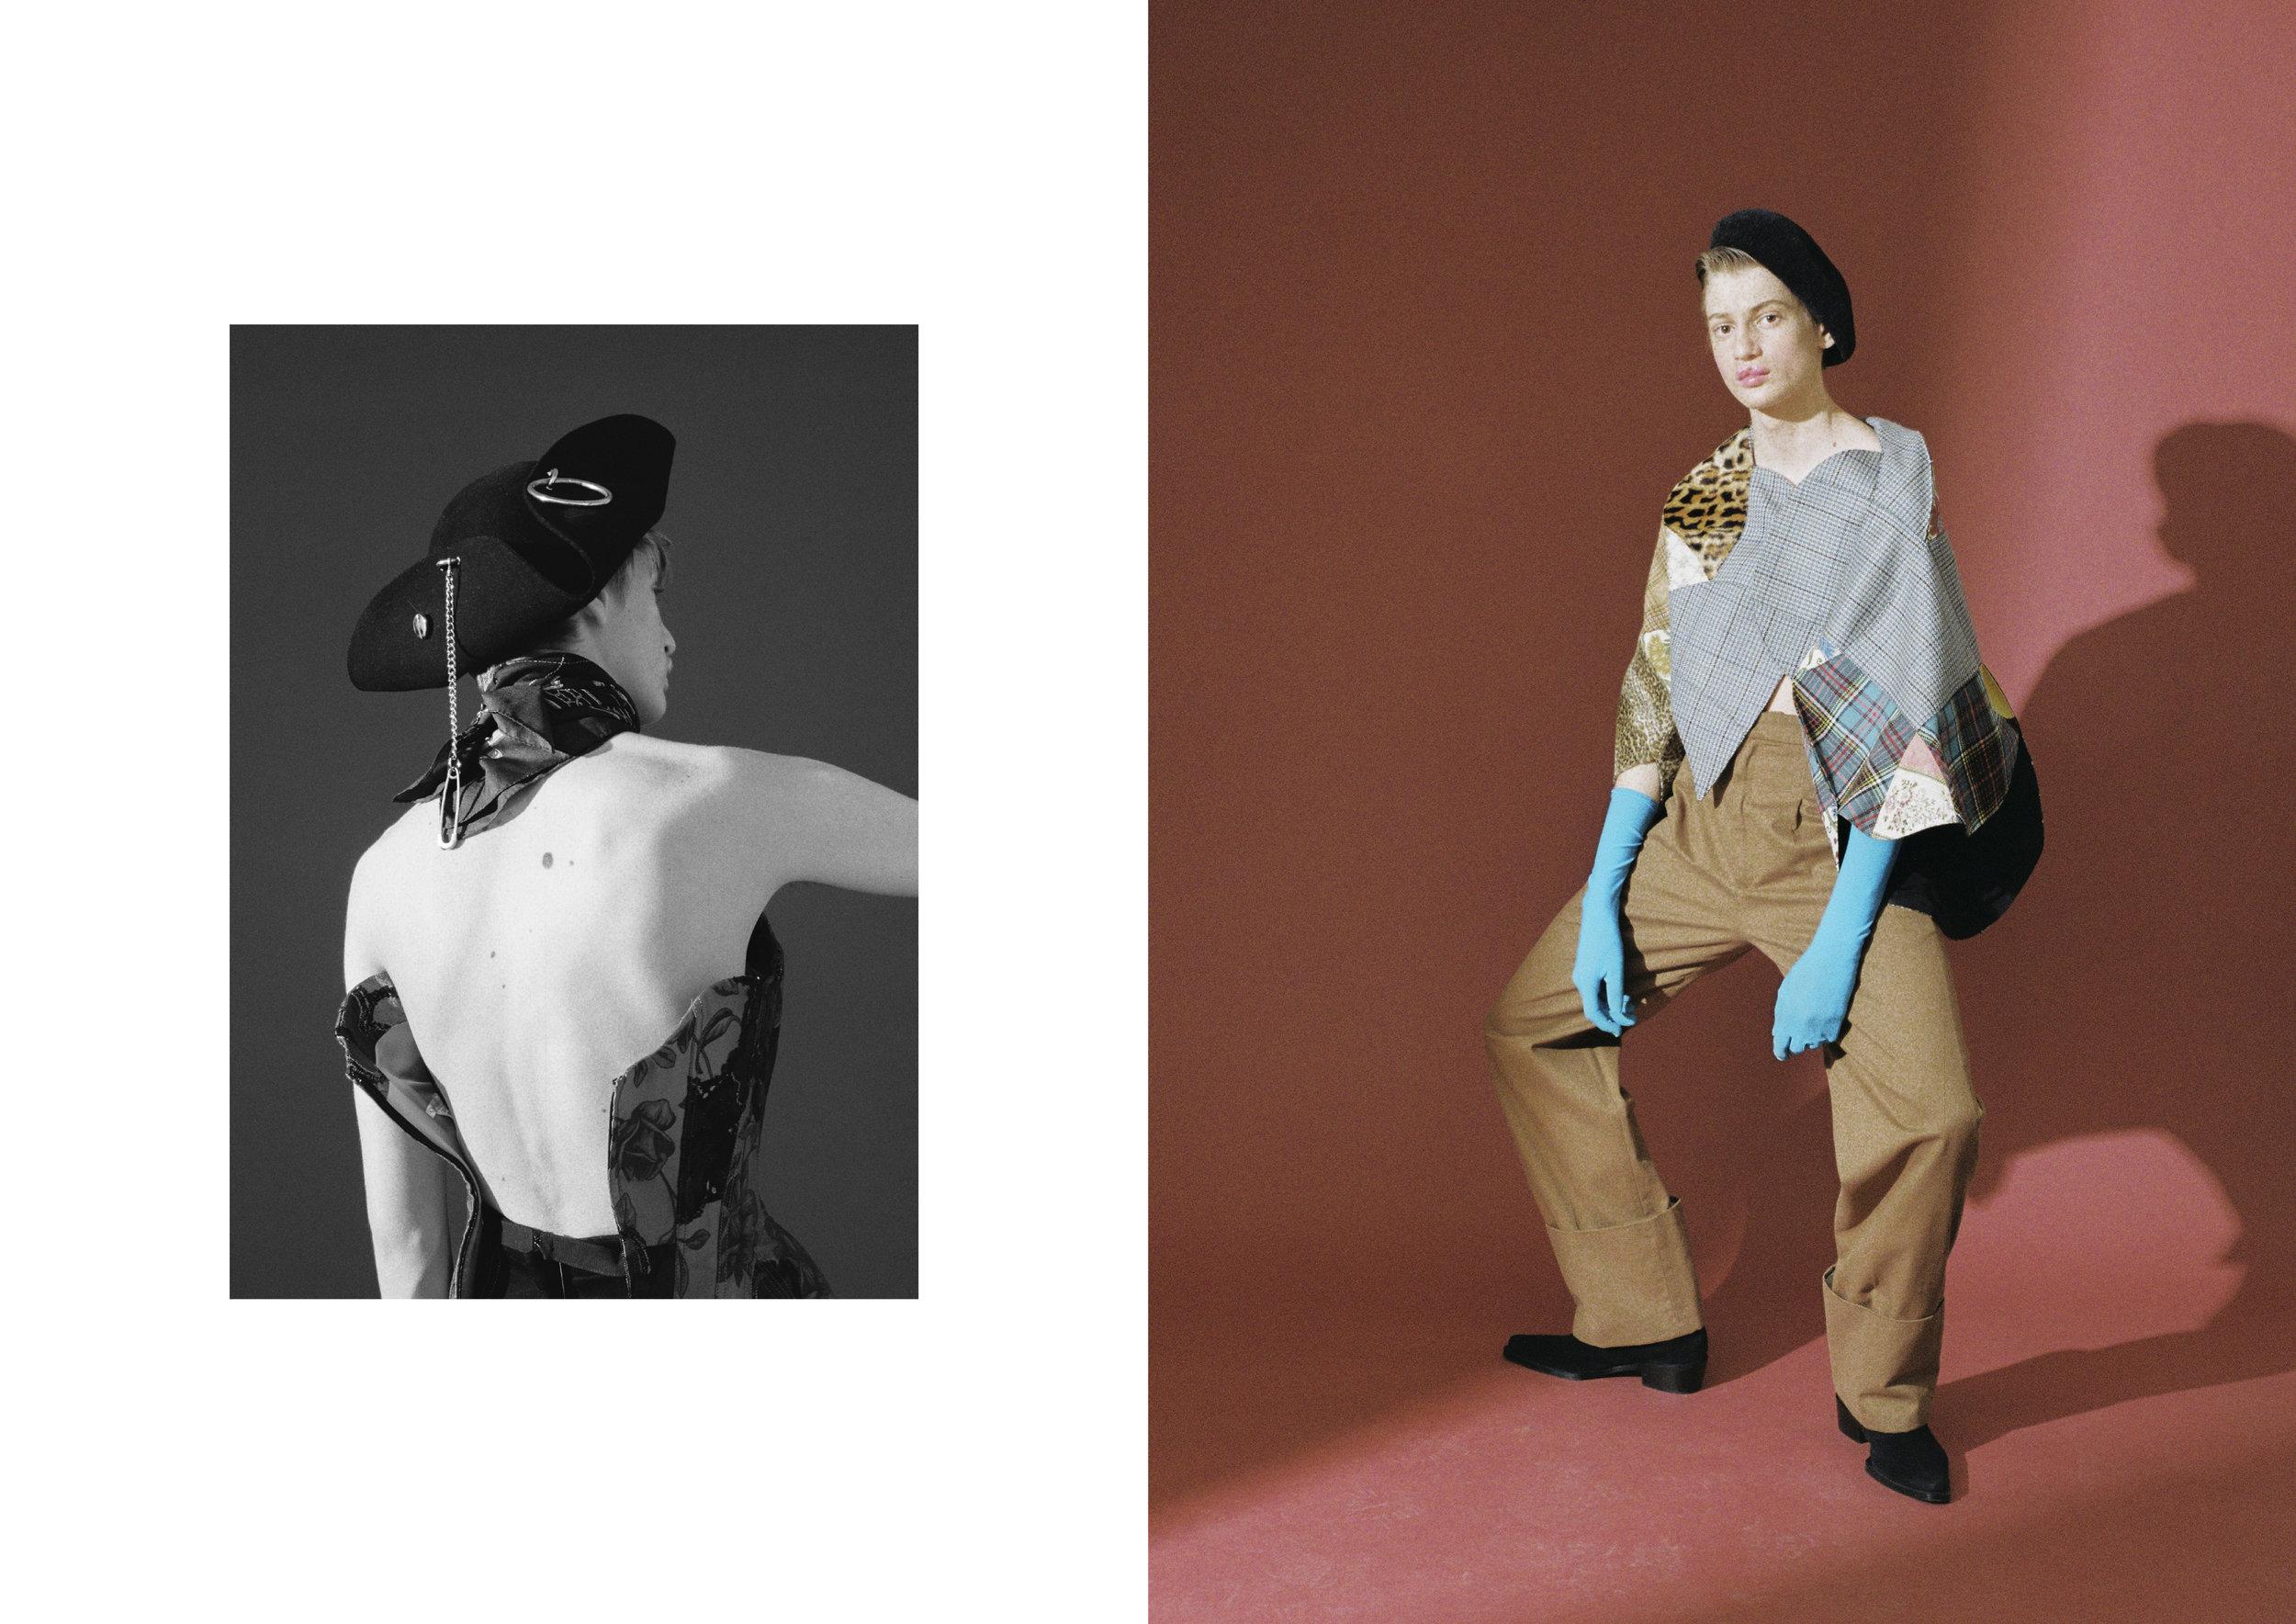 Izquierda: sombrero de  PARDO HATS  y corsé de  CHRISTIAN LACROIX .  Derecha: chaqueta de  JUNYA WATANABE  para  COMME DES GARÇONS , pantalón de  CARLOTA BARRERA,  sombrero de  OBACH  y botas de  CALVIN KLEIN .